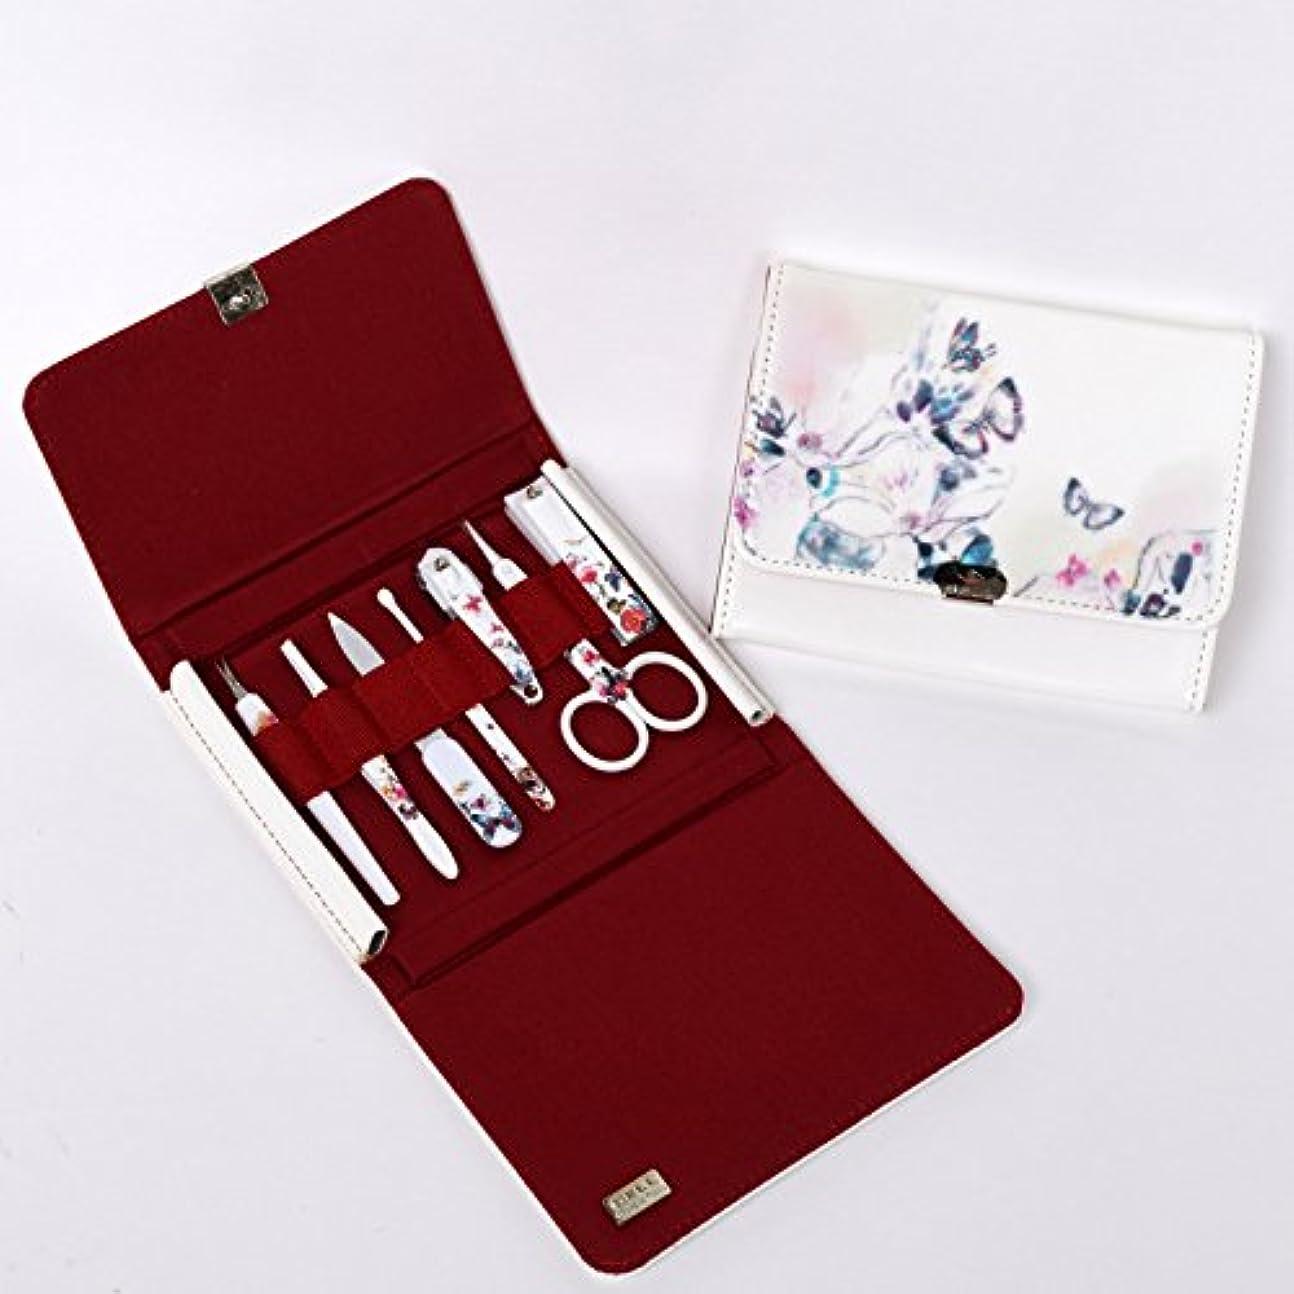 フレームワーク自分ロッドBELL Manicure Sets BM-270 ポータブル爪の管理セット 爪切りセット 高品質のネイルケアセット高級感のある東洋画のデザイン Portable Nail Clippers Nail Care Set